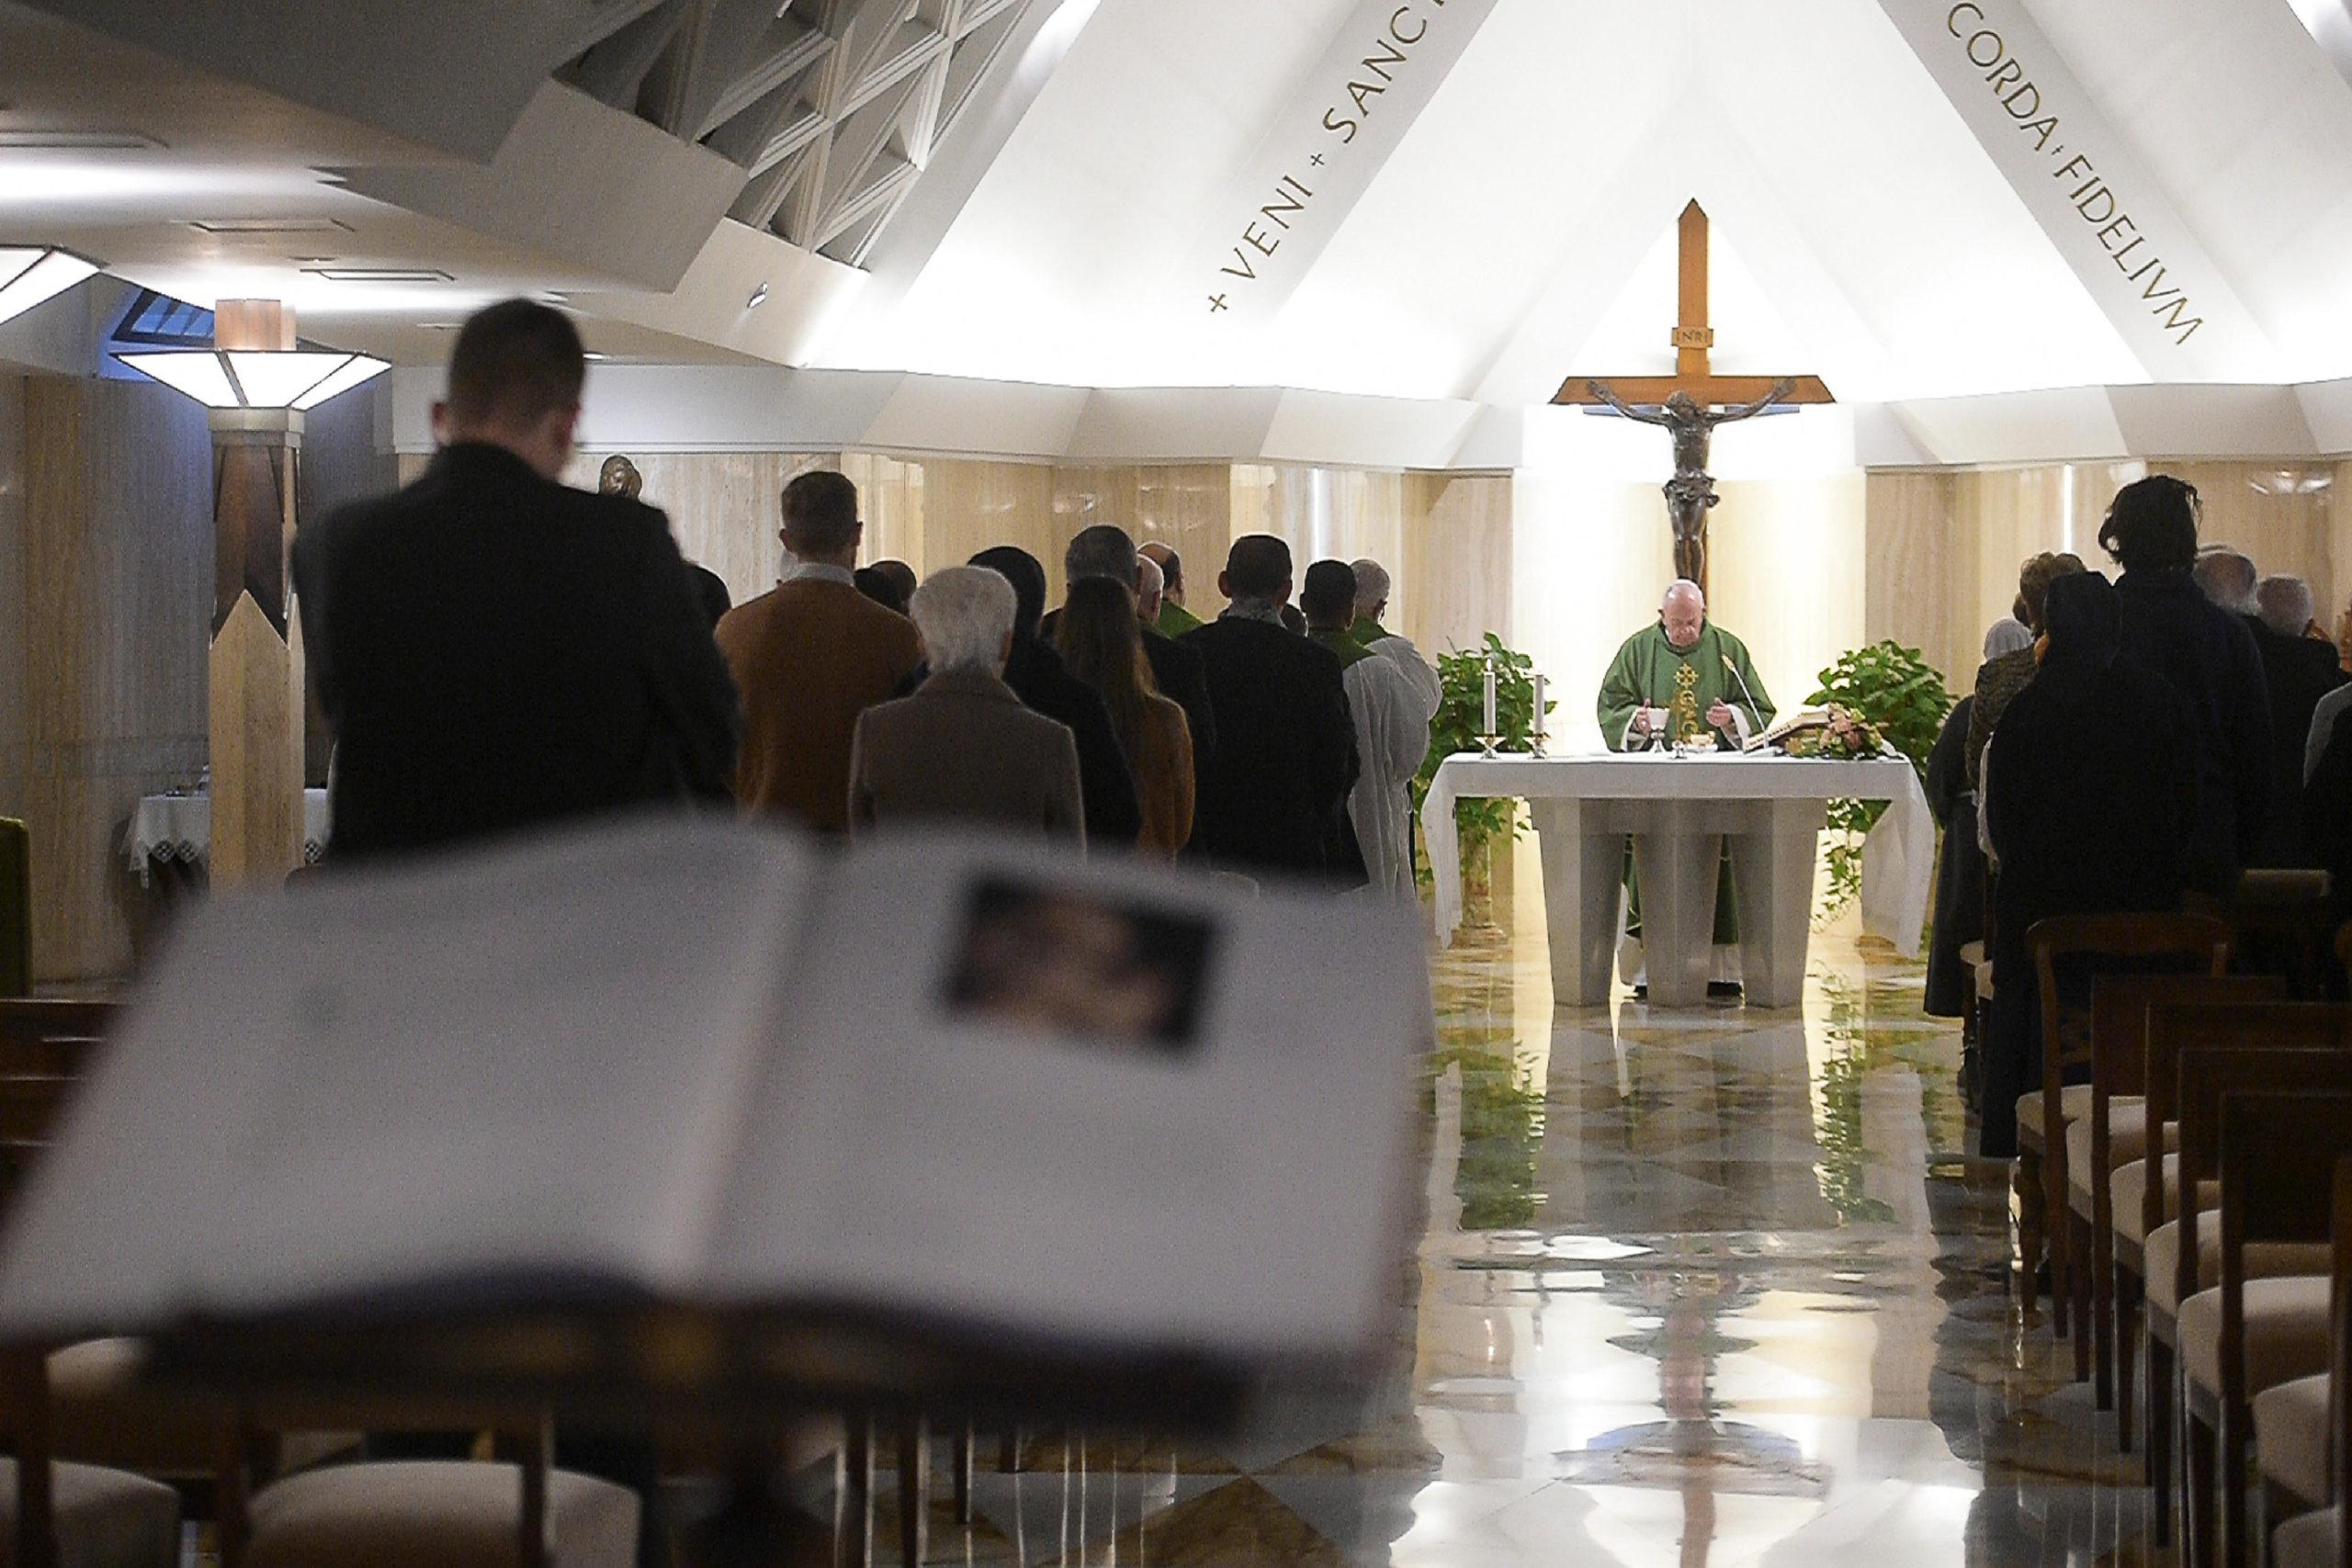 Misa en Santa Marta, 7 feb. 2019 © Vatican Media